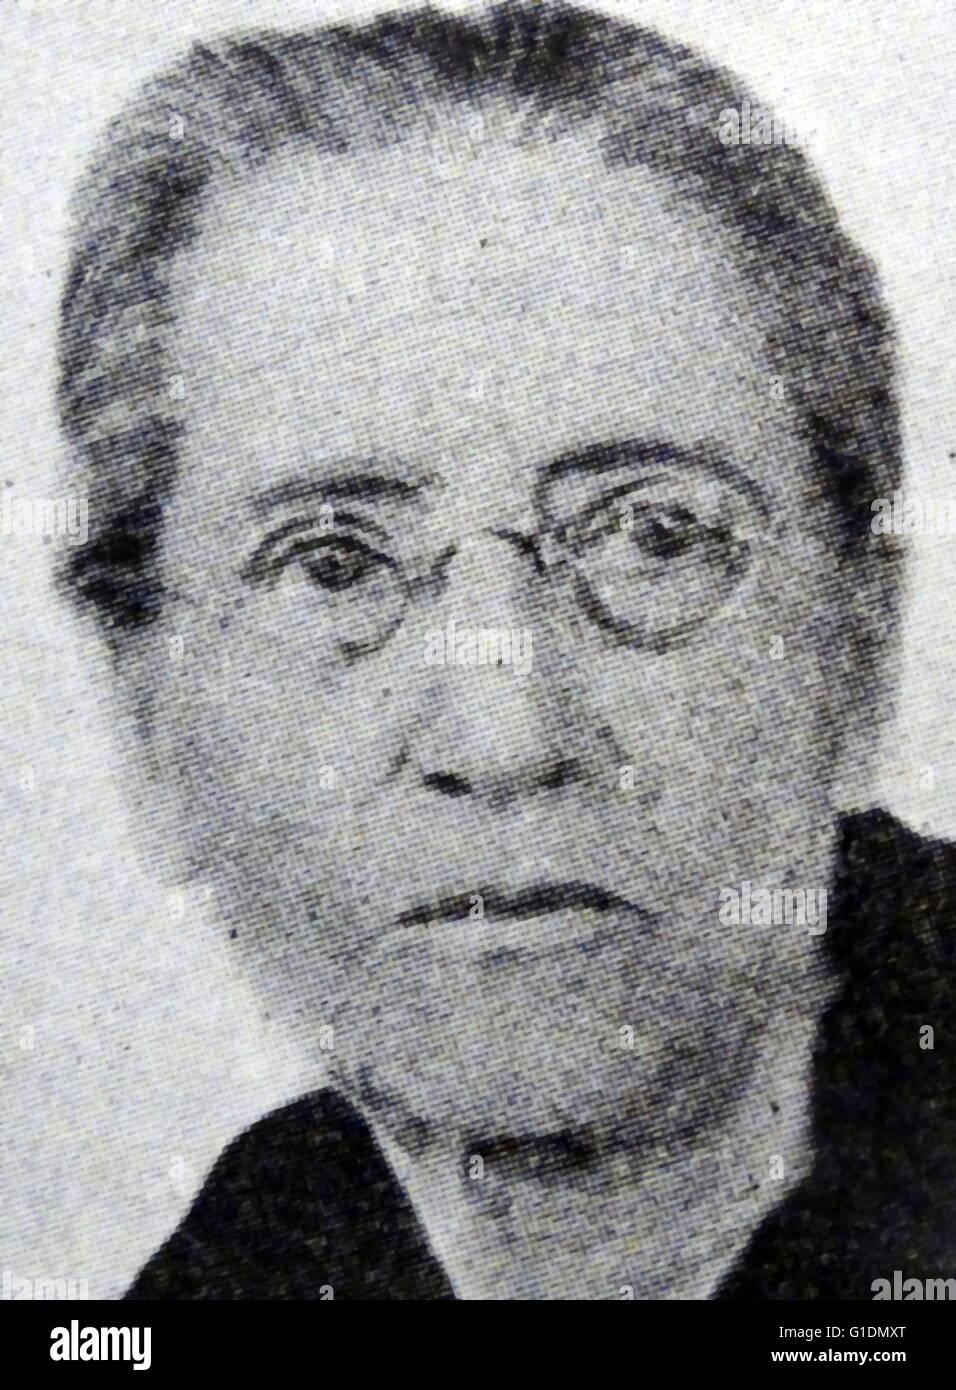 Fotografisches Porträt von Emily Greene Balch (1867-1961), US-amerikanischer Ökonom, Soziologe und Pazifist. Stockbild